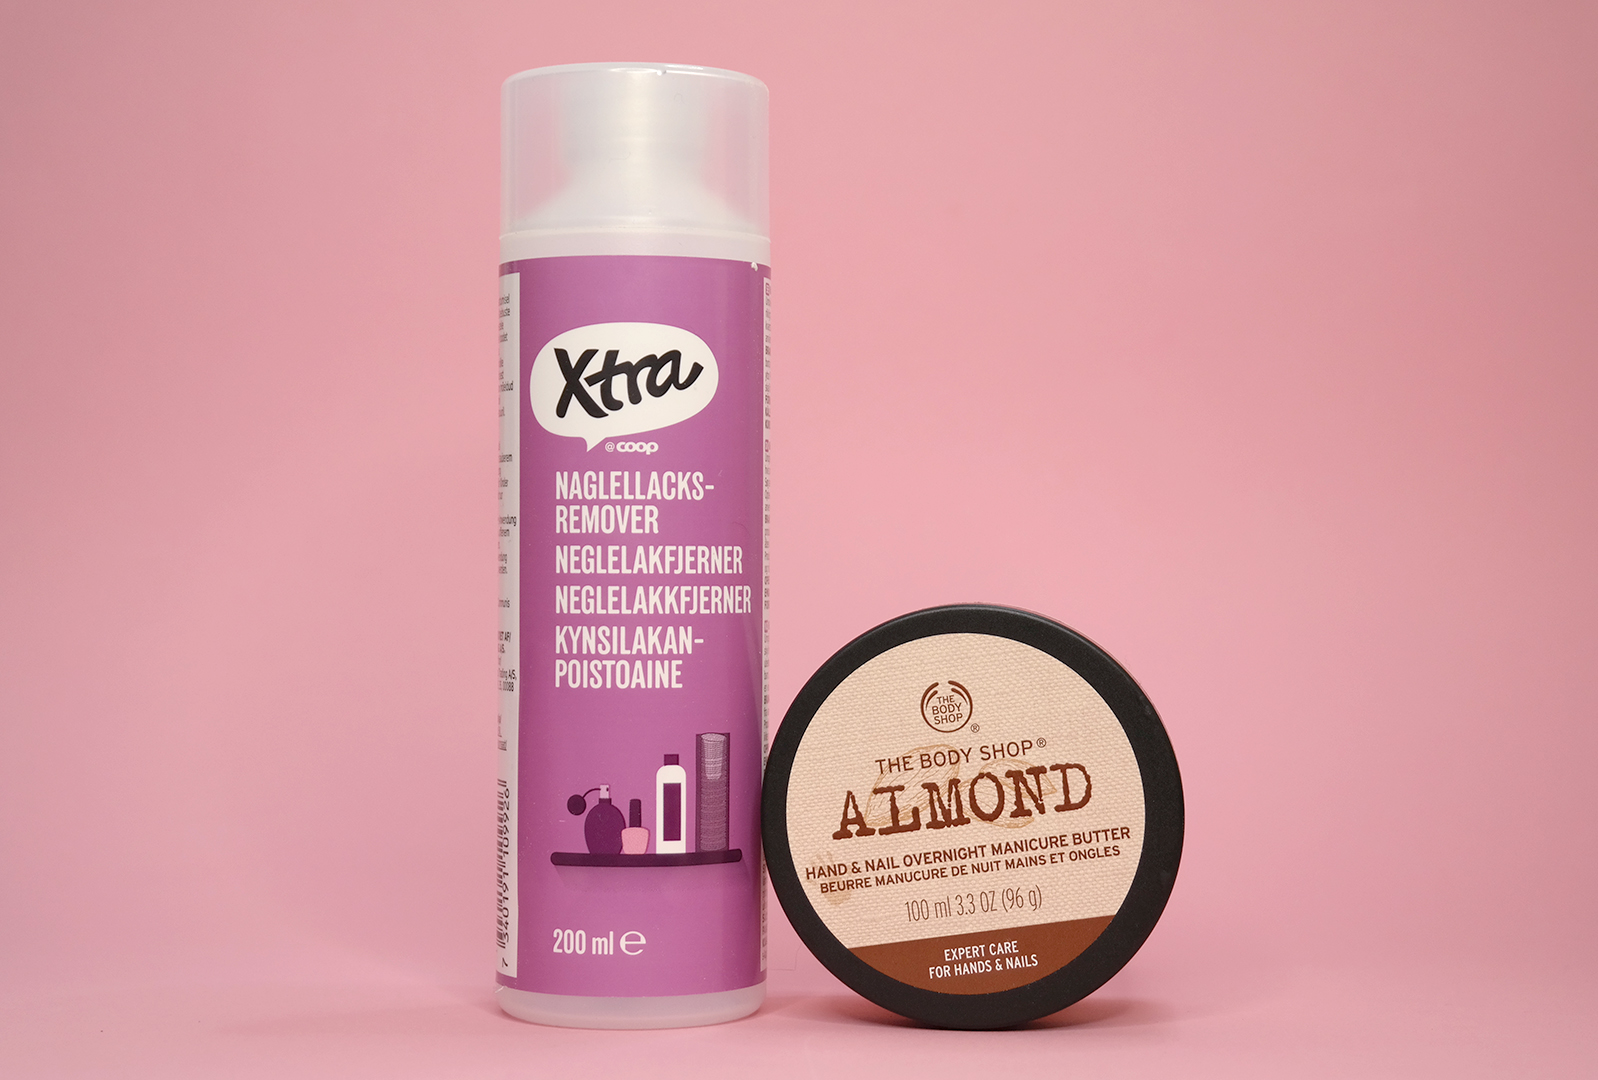 The Body Shop Almond Overnight käsivoide kokemuksia